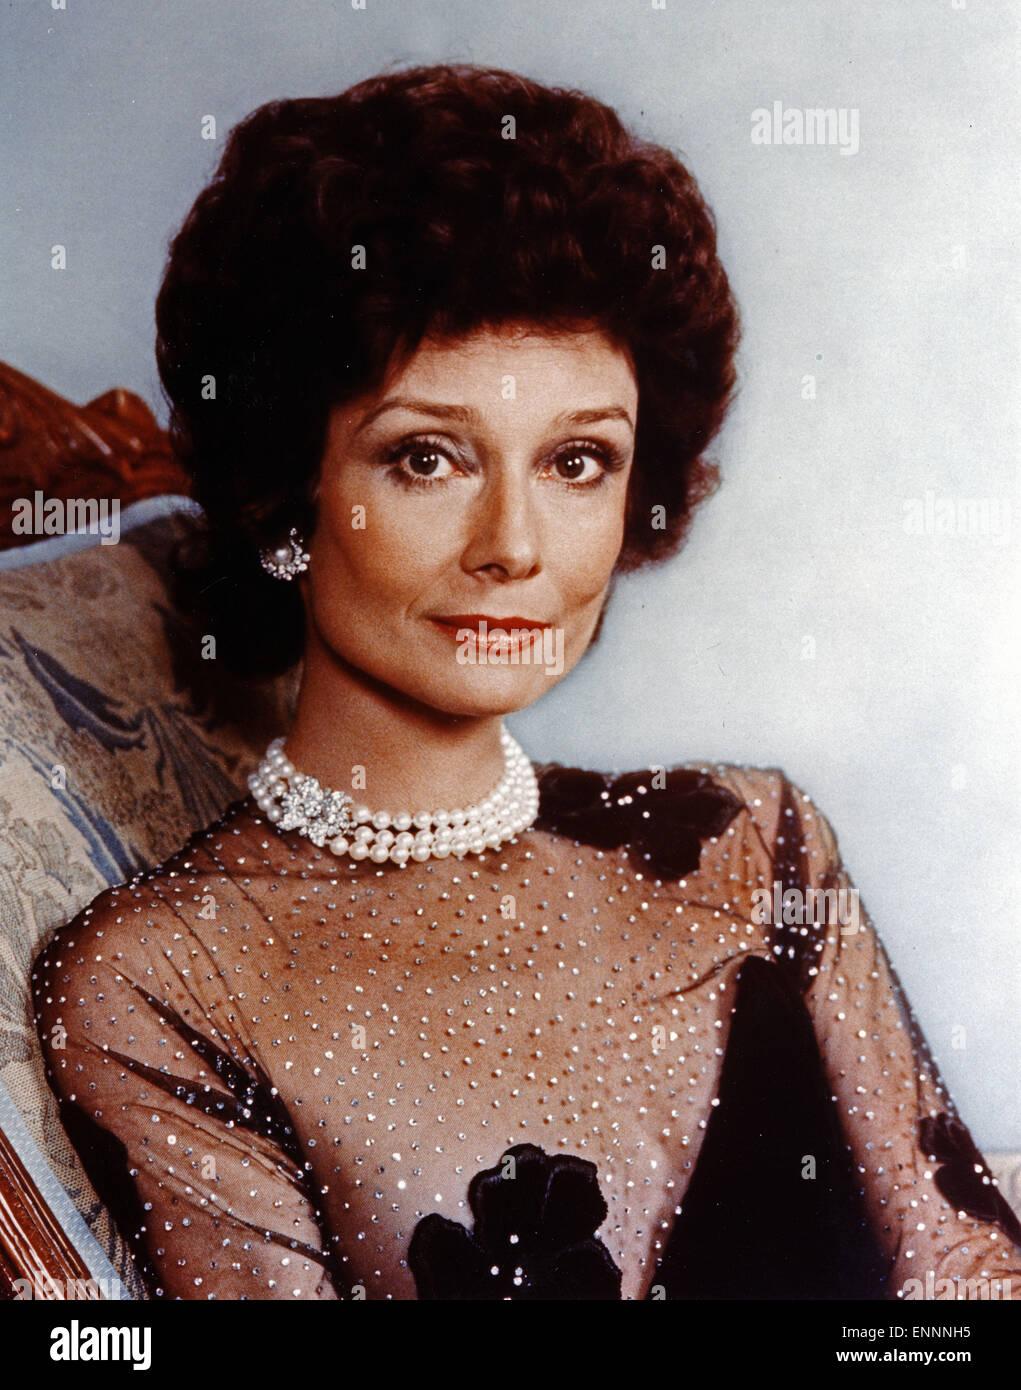 Publicity Shot von Audrey Hepburn aus den 70er Jahren - Stock Image